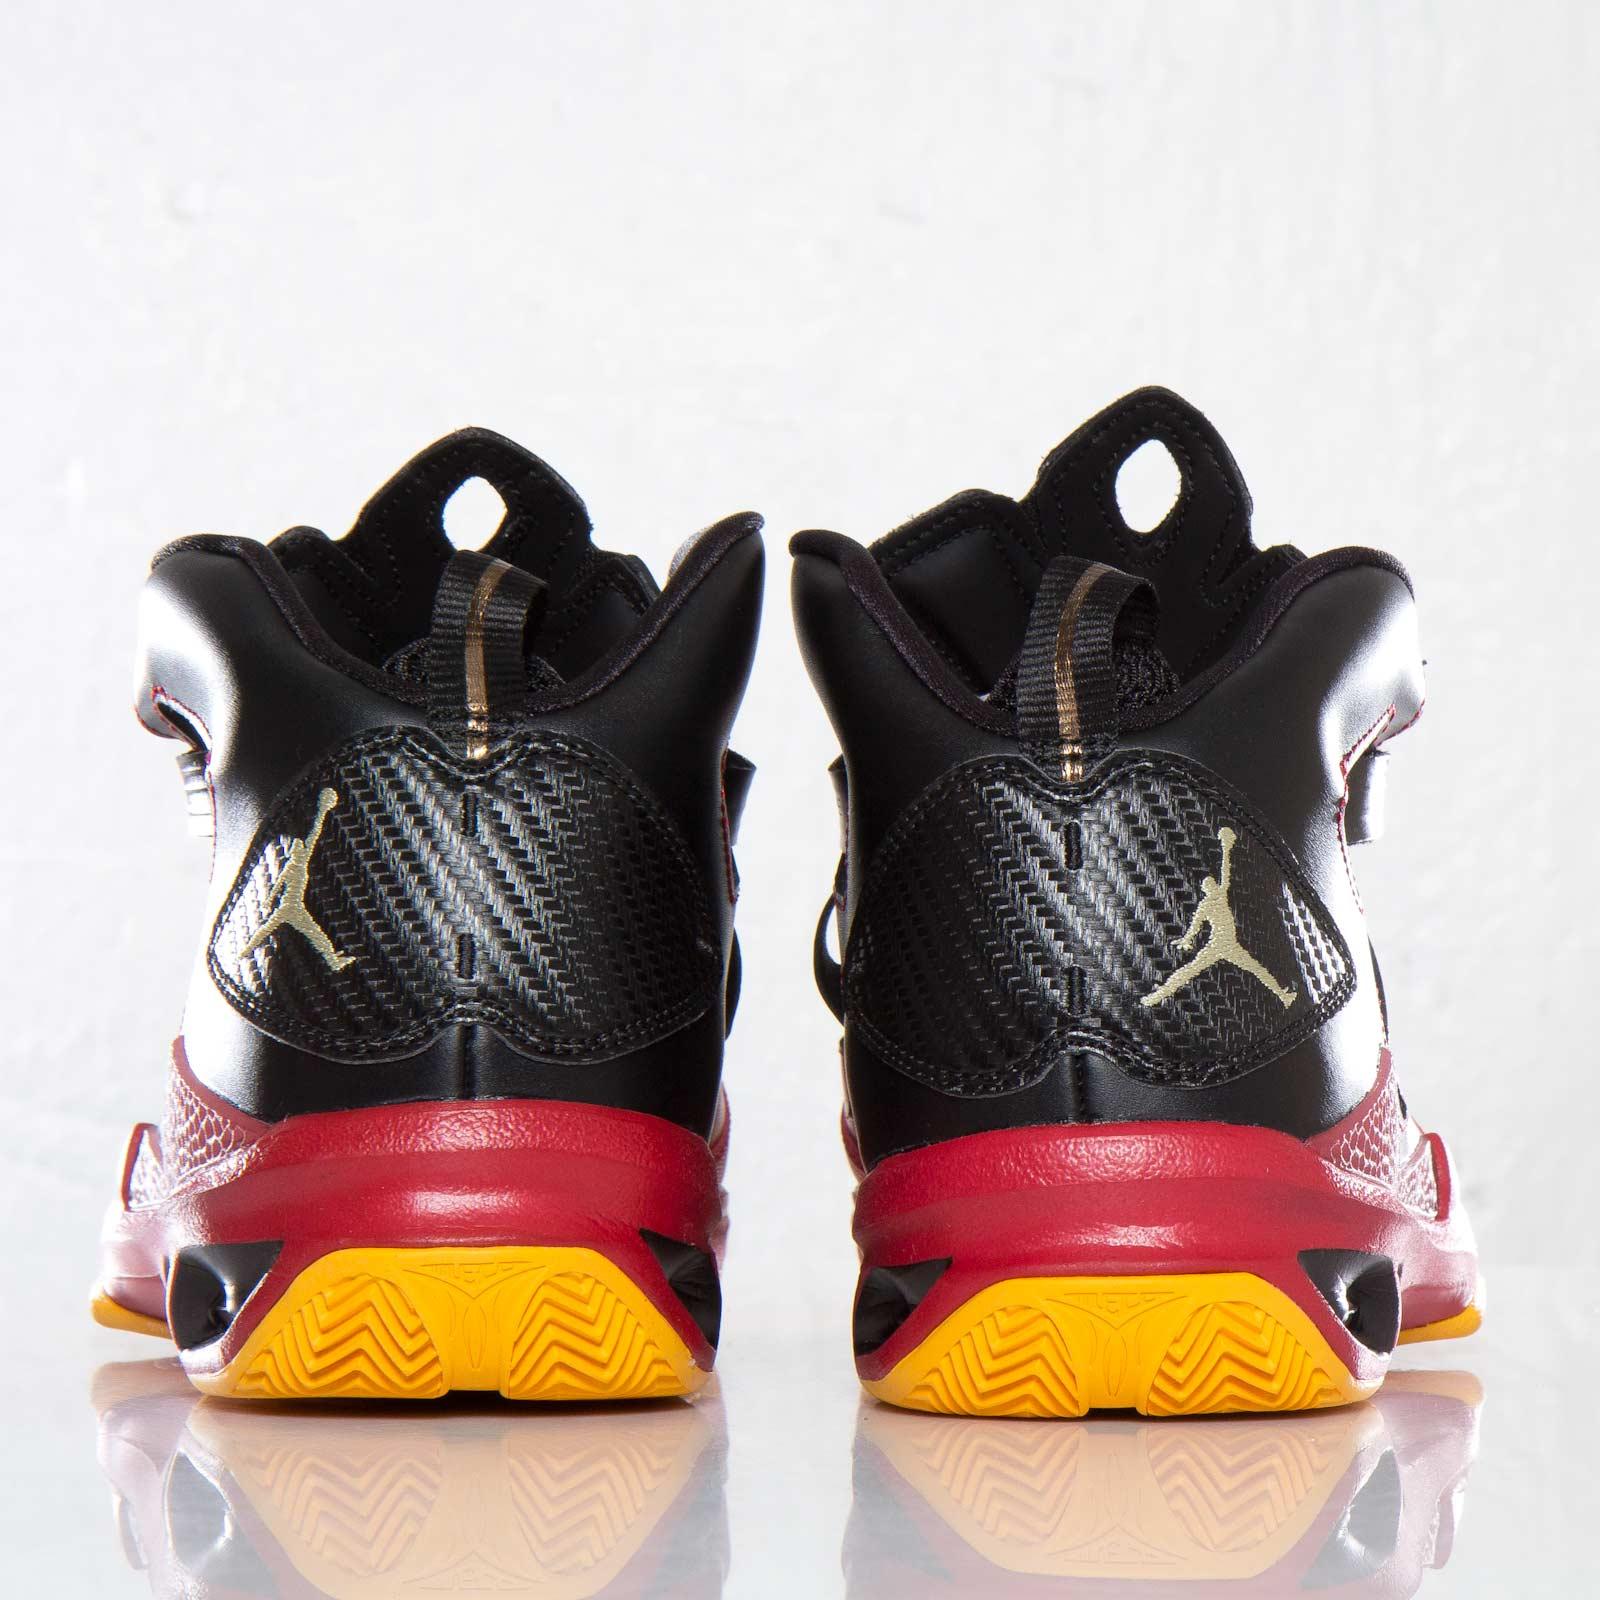 new style a977f 6ff56 Jordan Brand Jordan Melo M9 - 551879-028 - Sneakersnstuff   sneakers    streetwear online since 1999